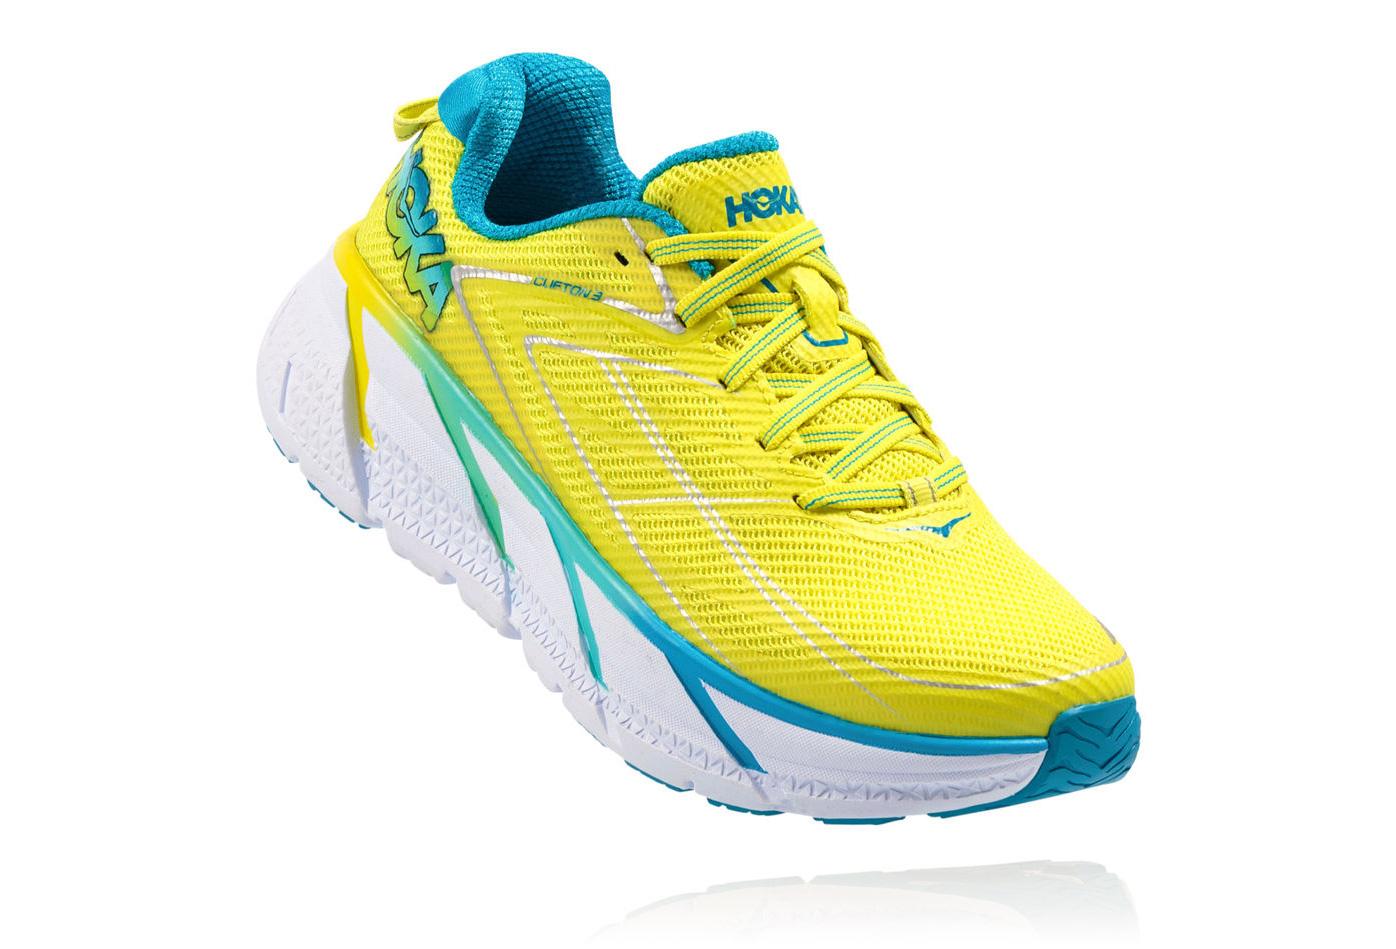 96169770721071 Chaussures de Running Femme Hoka One One Clifton 3 Jaune / Bleu ...